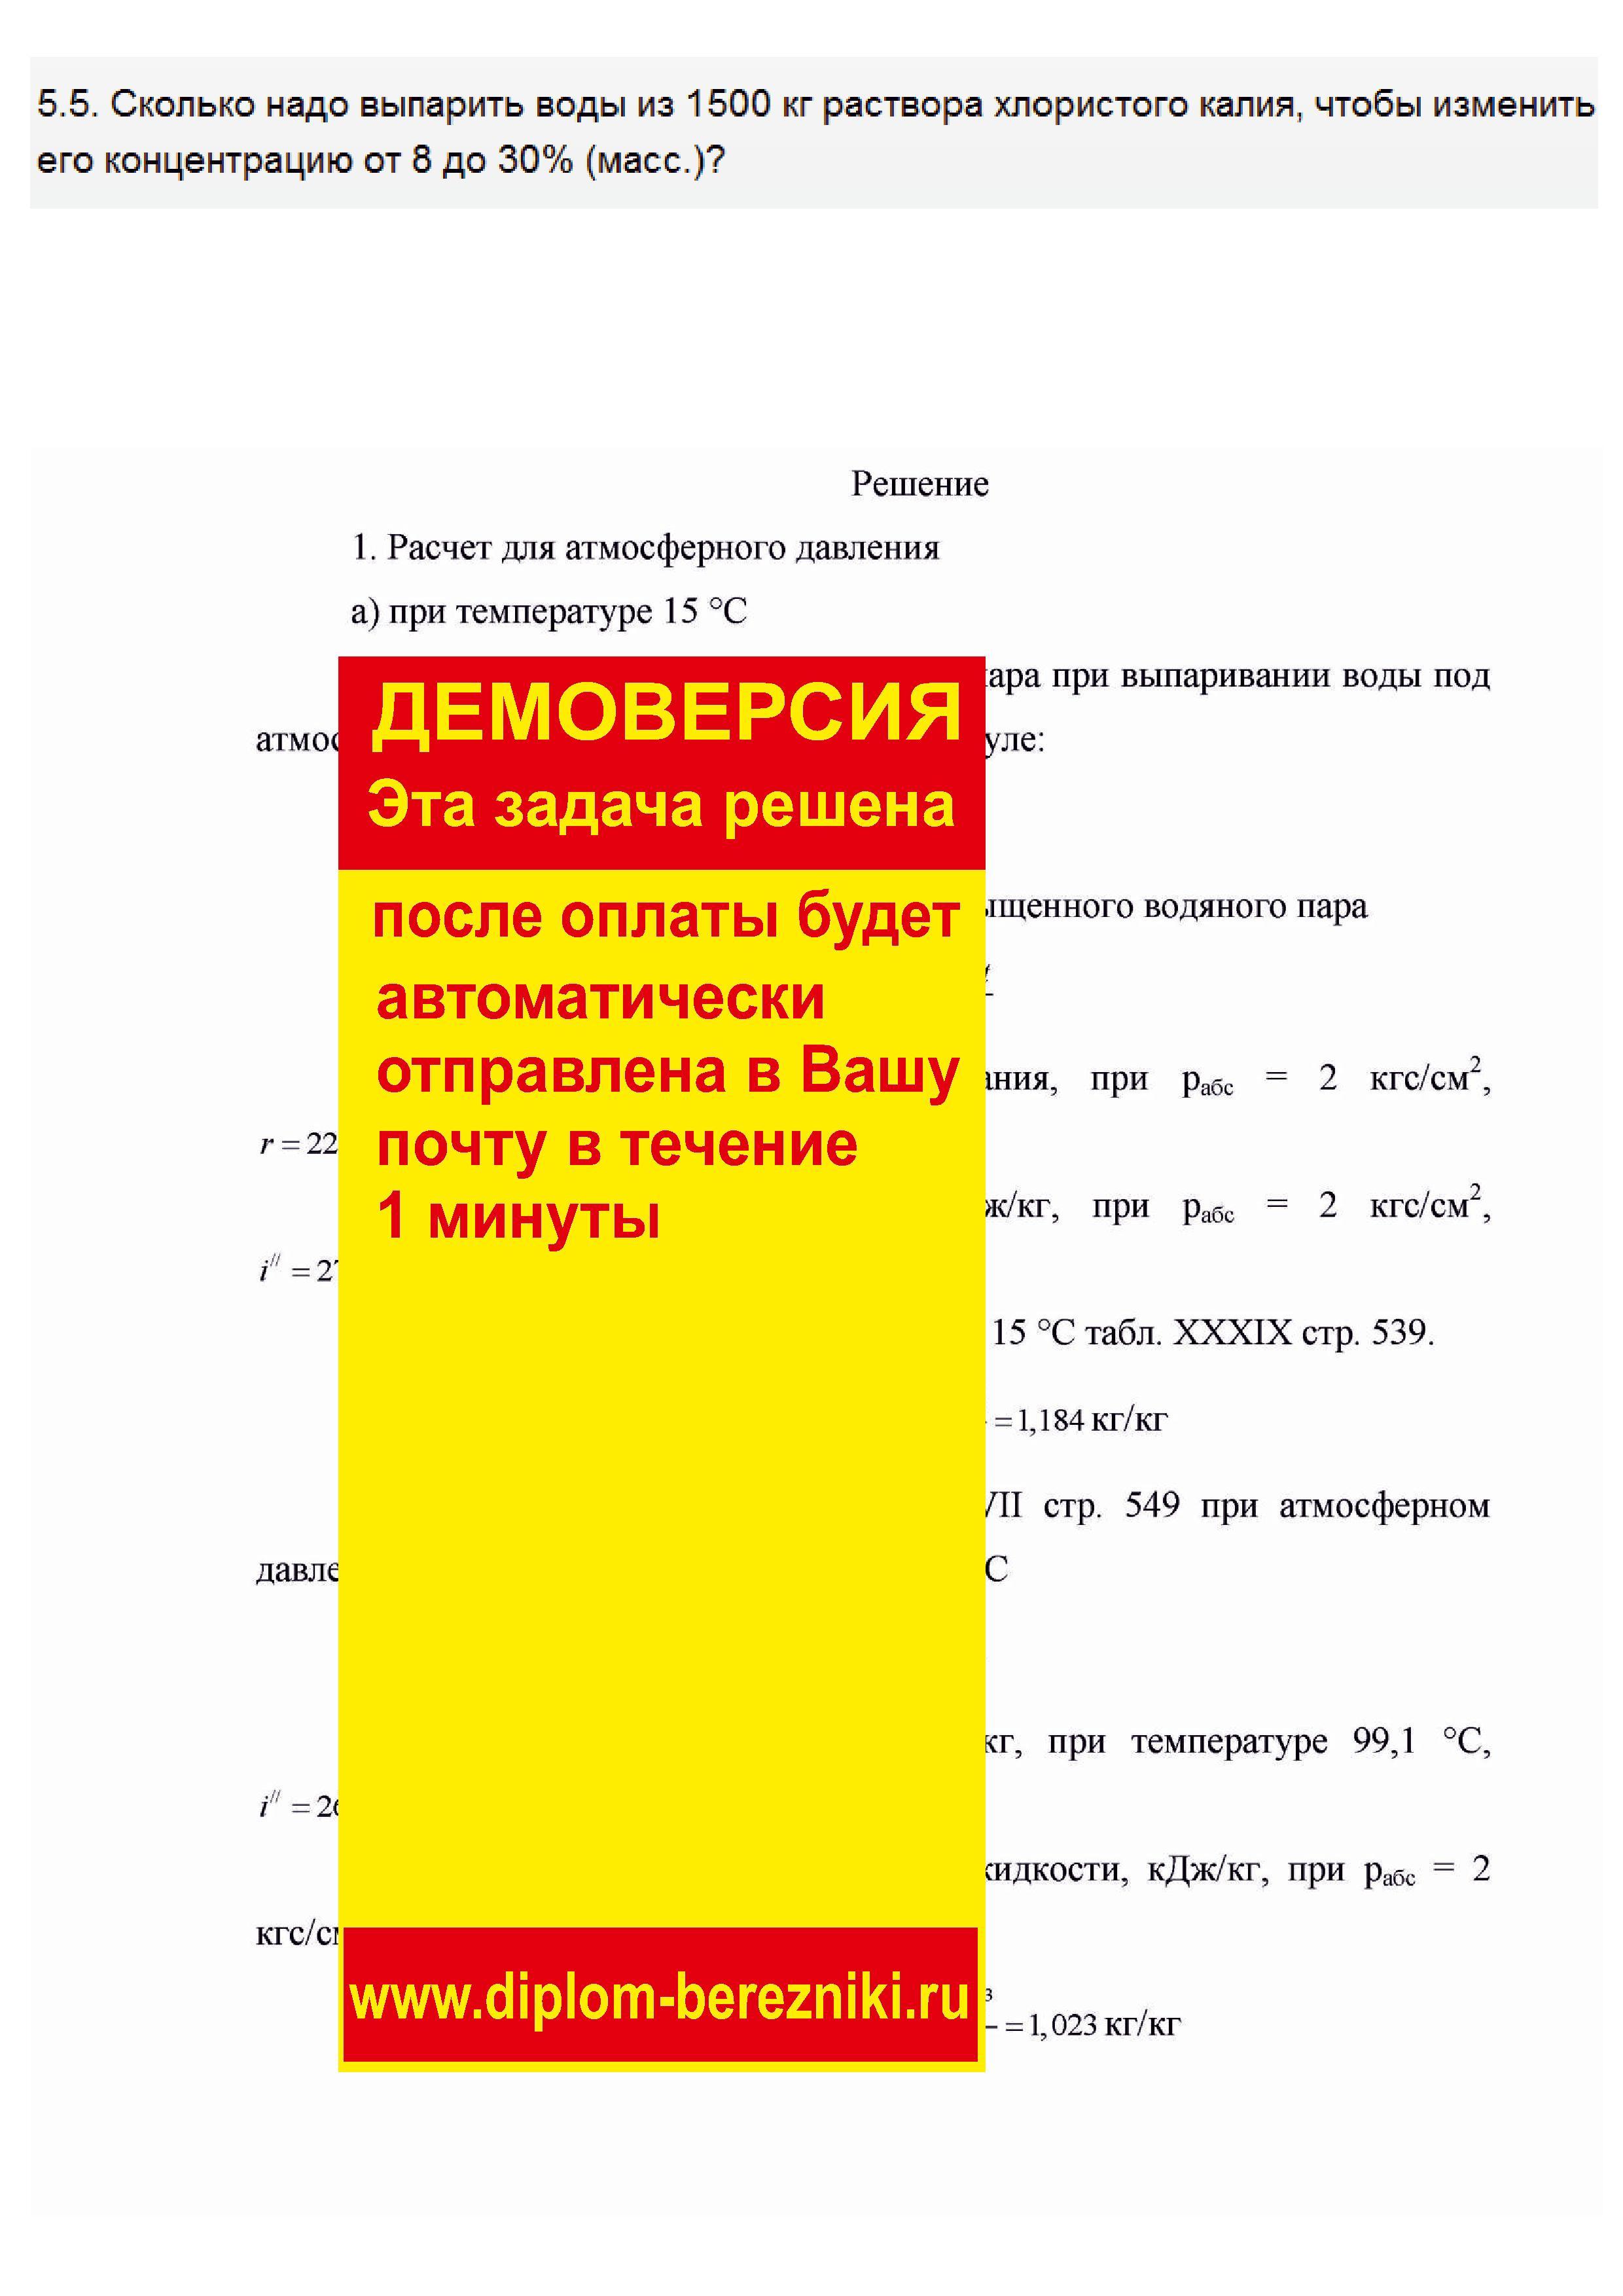 Решение задачи 5.5 по ПАХТ из задачника Павлова Романкова Носкова